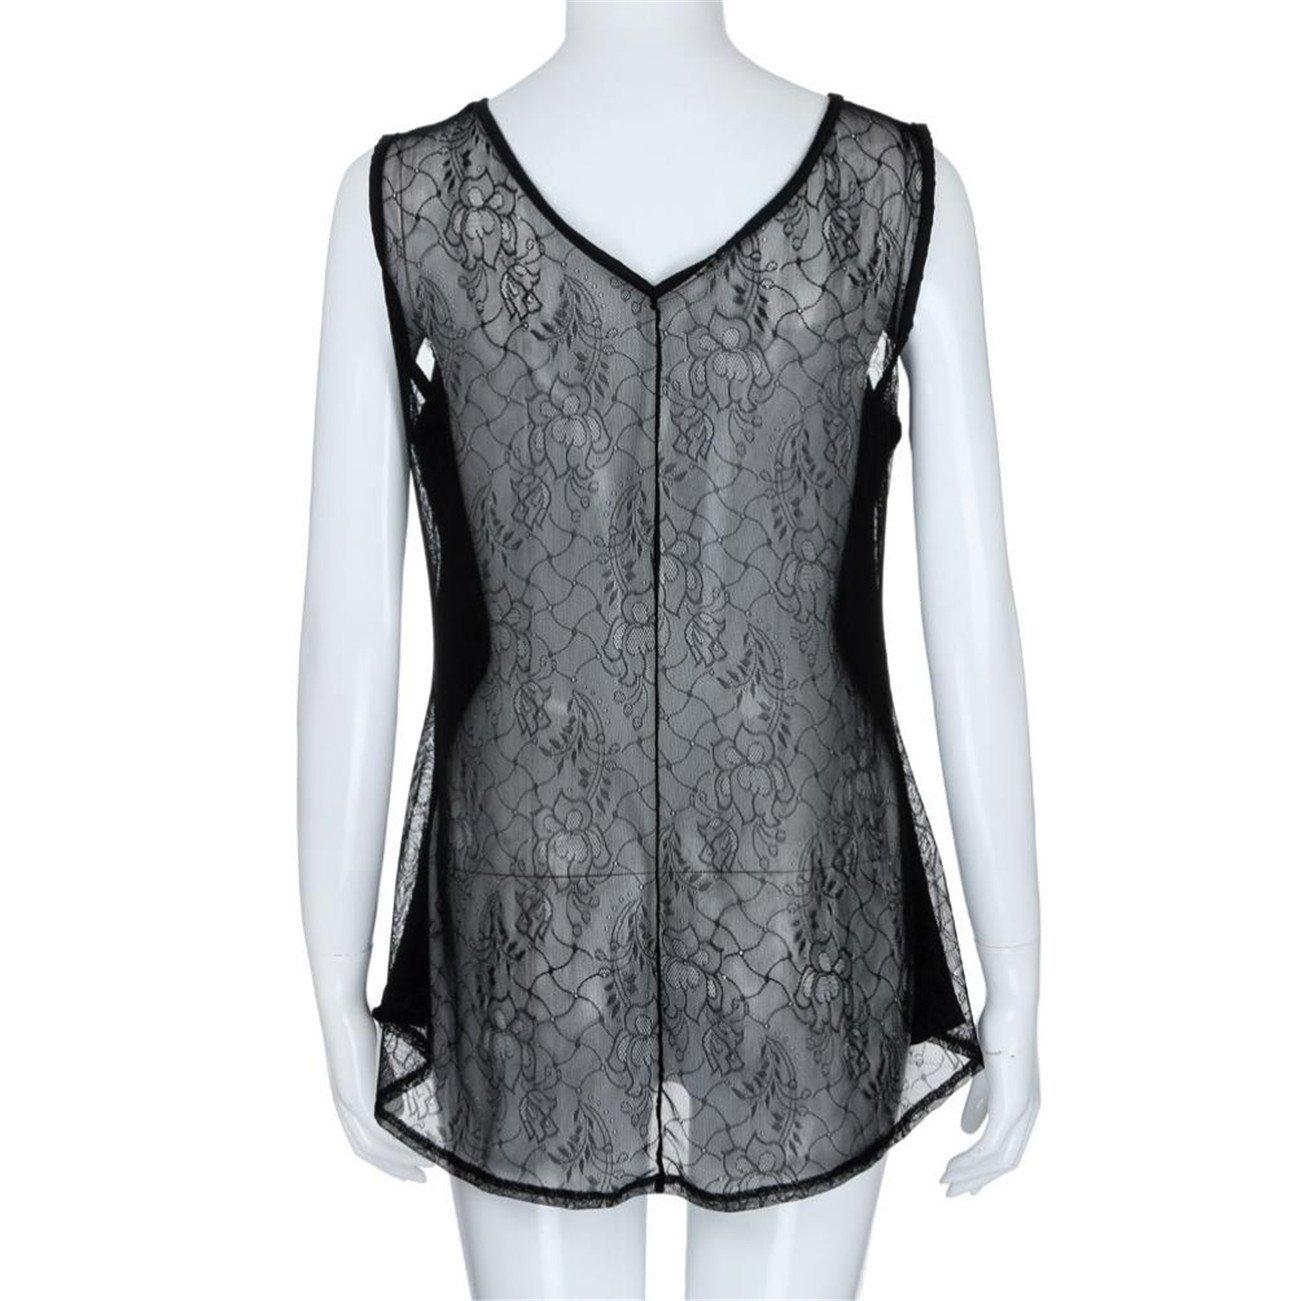 La Mode des Femmes Plus Taille Lace Comit/é Simple D/éCollet/é Vider Perspective D/éBardeur /Ét/é//Automne HCFKJ Femmes T-Shirts Tops Tank D/ébardeurs Haut Blouse Chemise